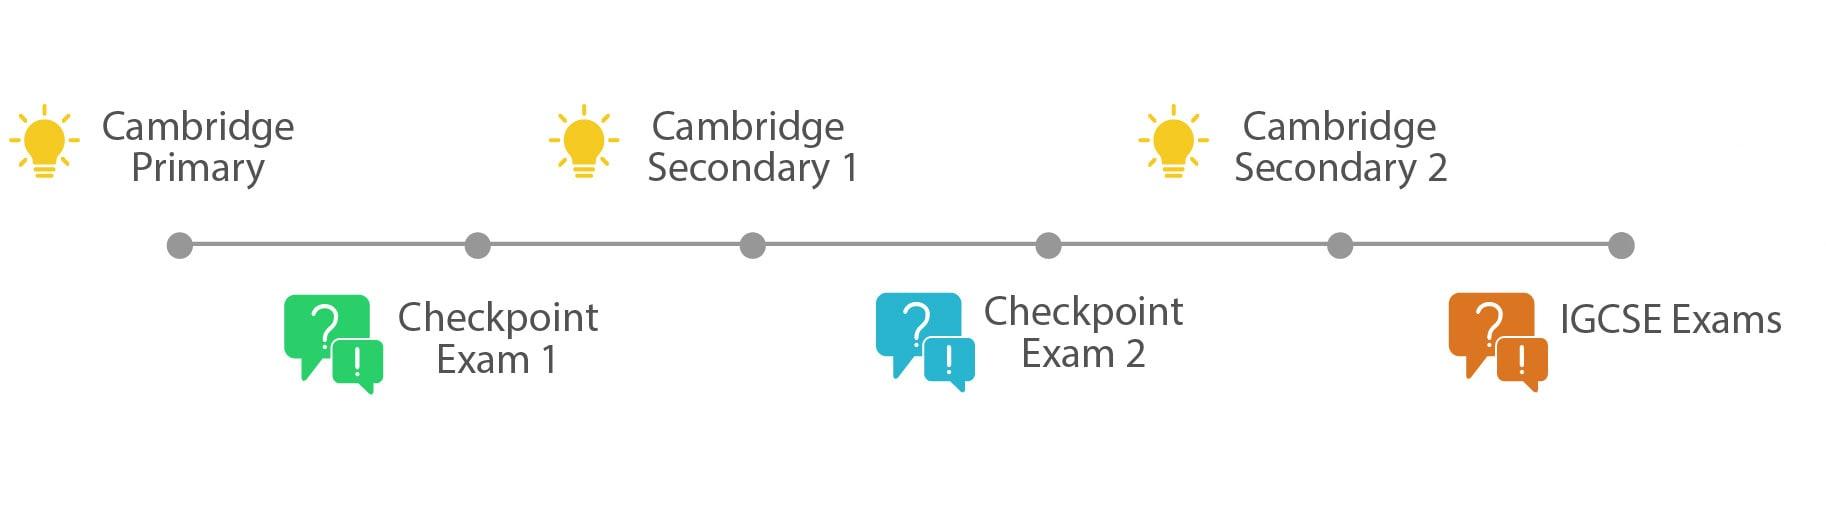 Cambridge IGCSE Curriculum Best IGCSE School in Hyderabad-CHIREC